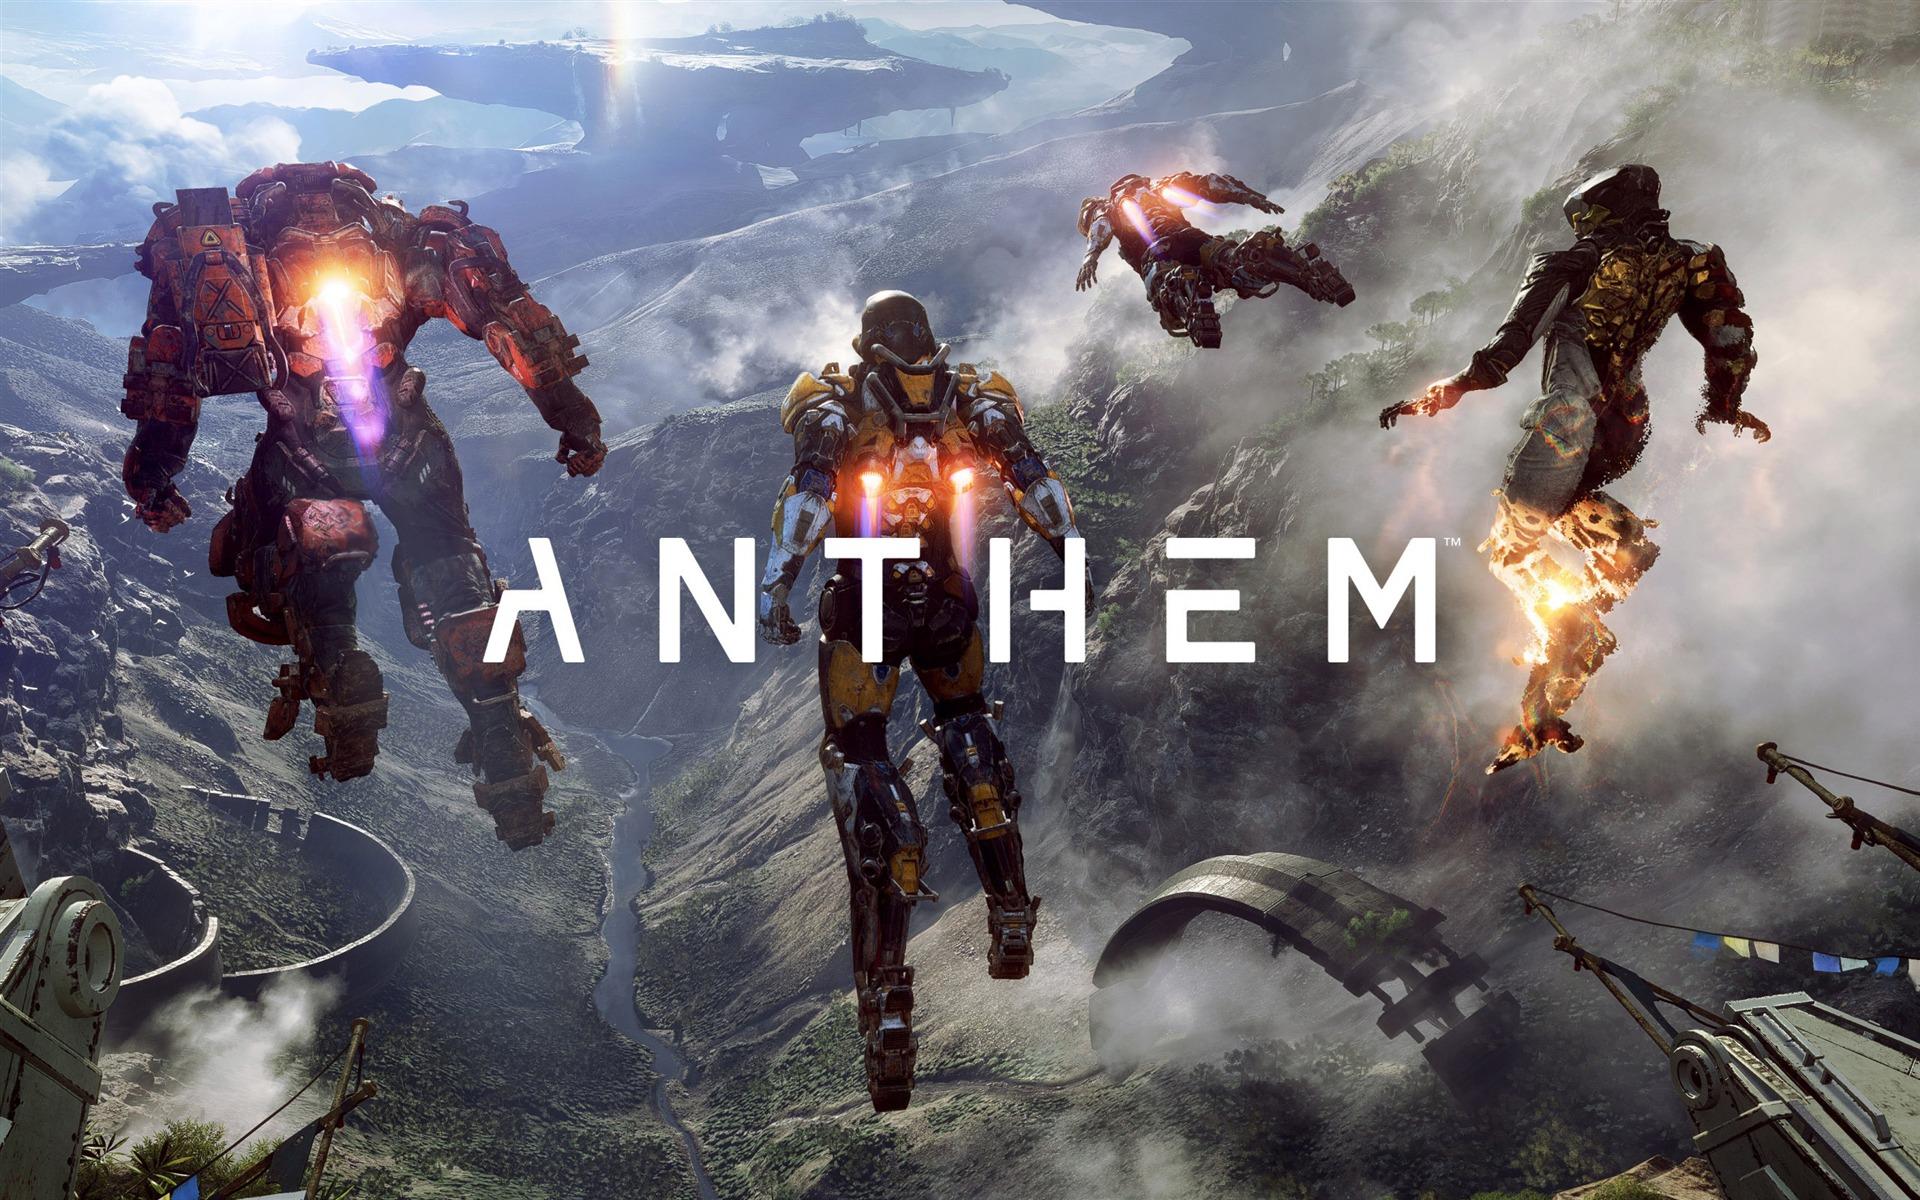 نگاهی به بازی مورد انتظار Anthem